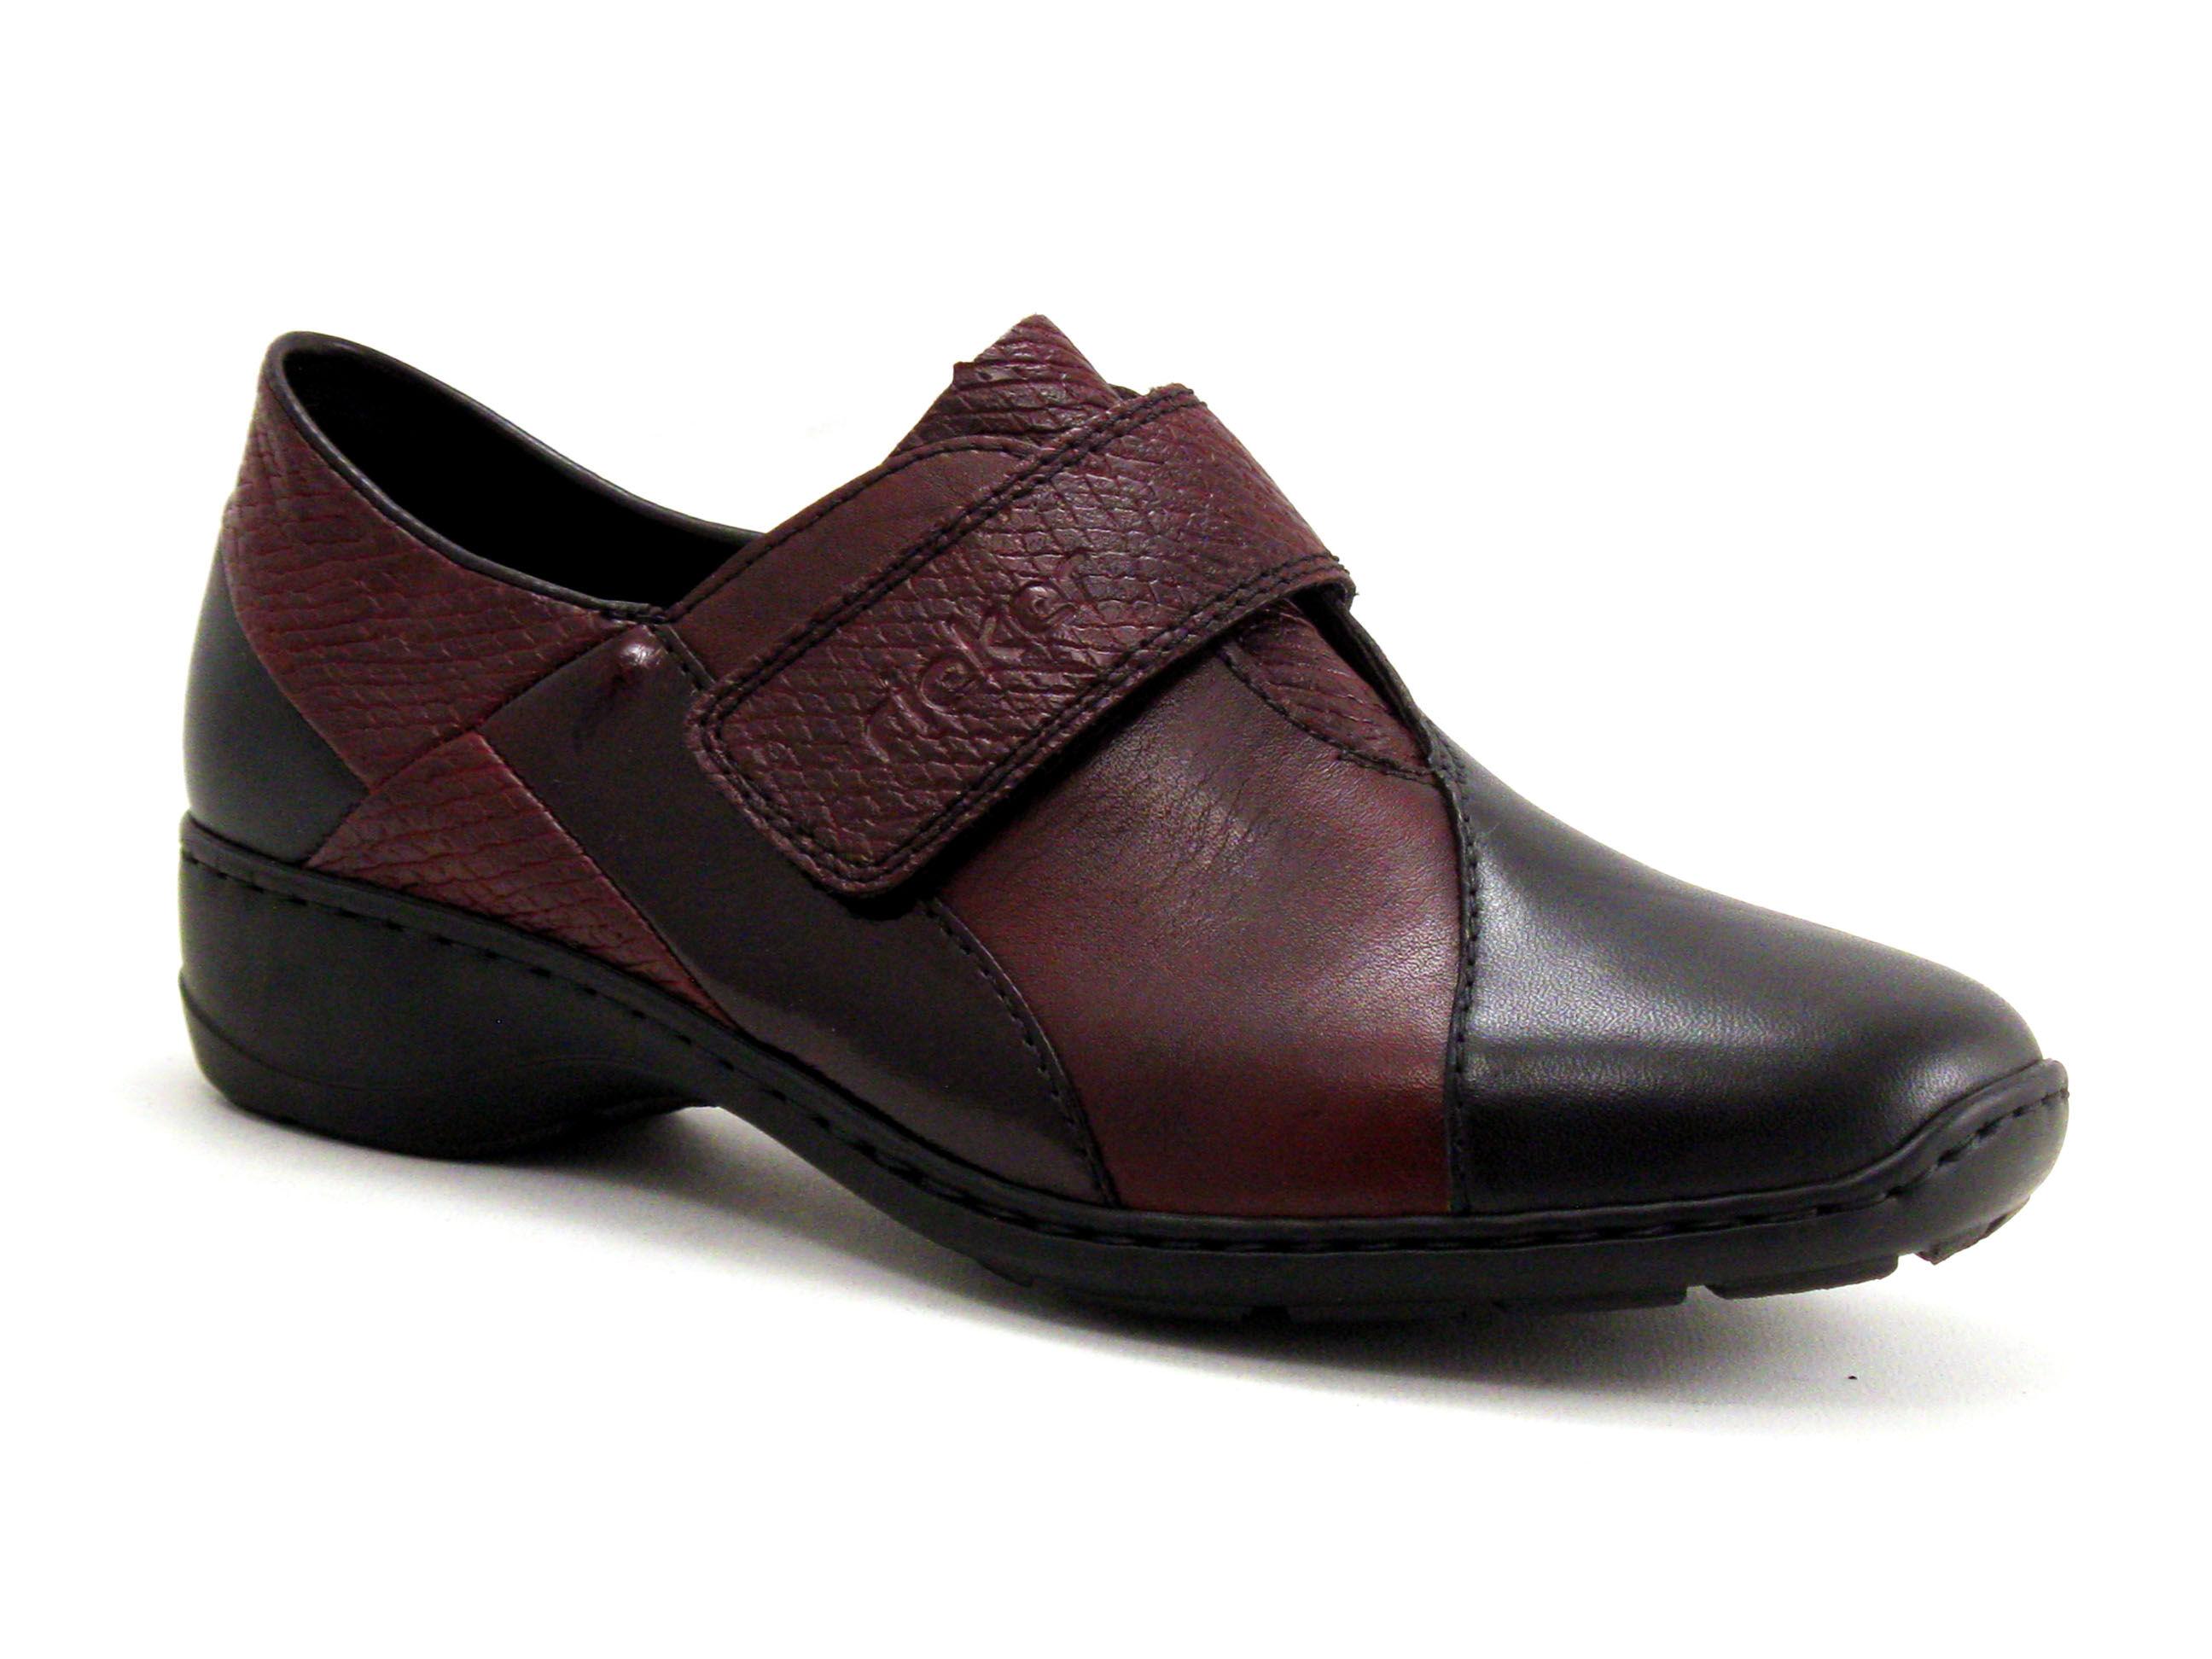 Rieker Chaussure basse / Derby Femme Rieker - Bordeaux,Noir - Point. 36,37,38,39,40,41